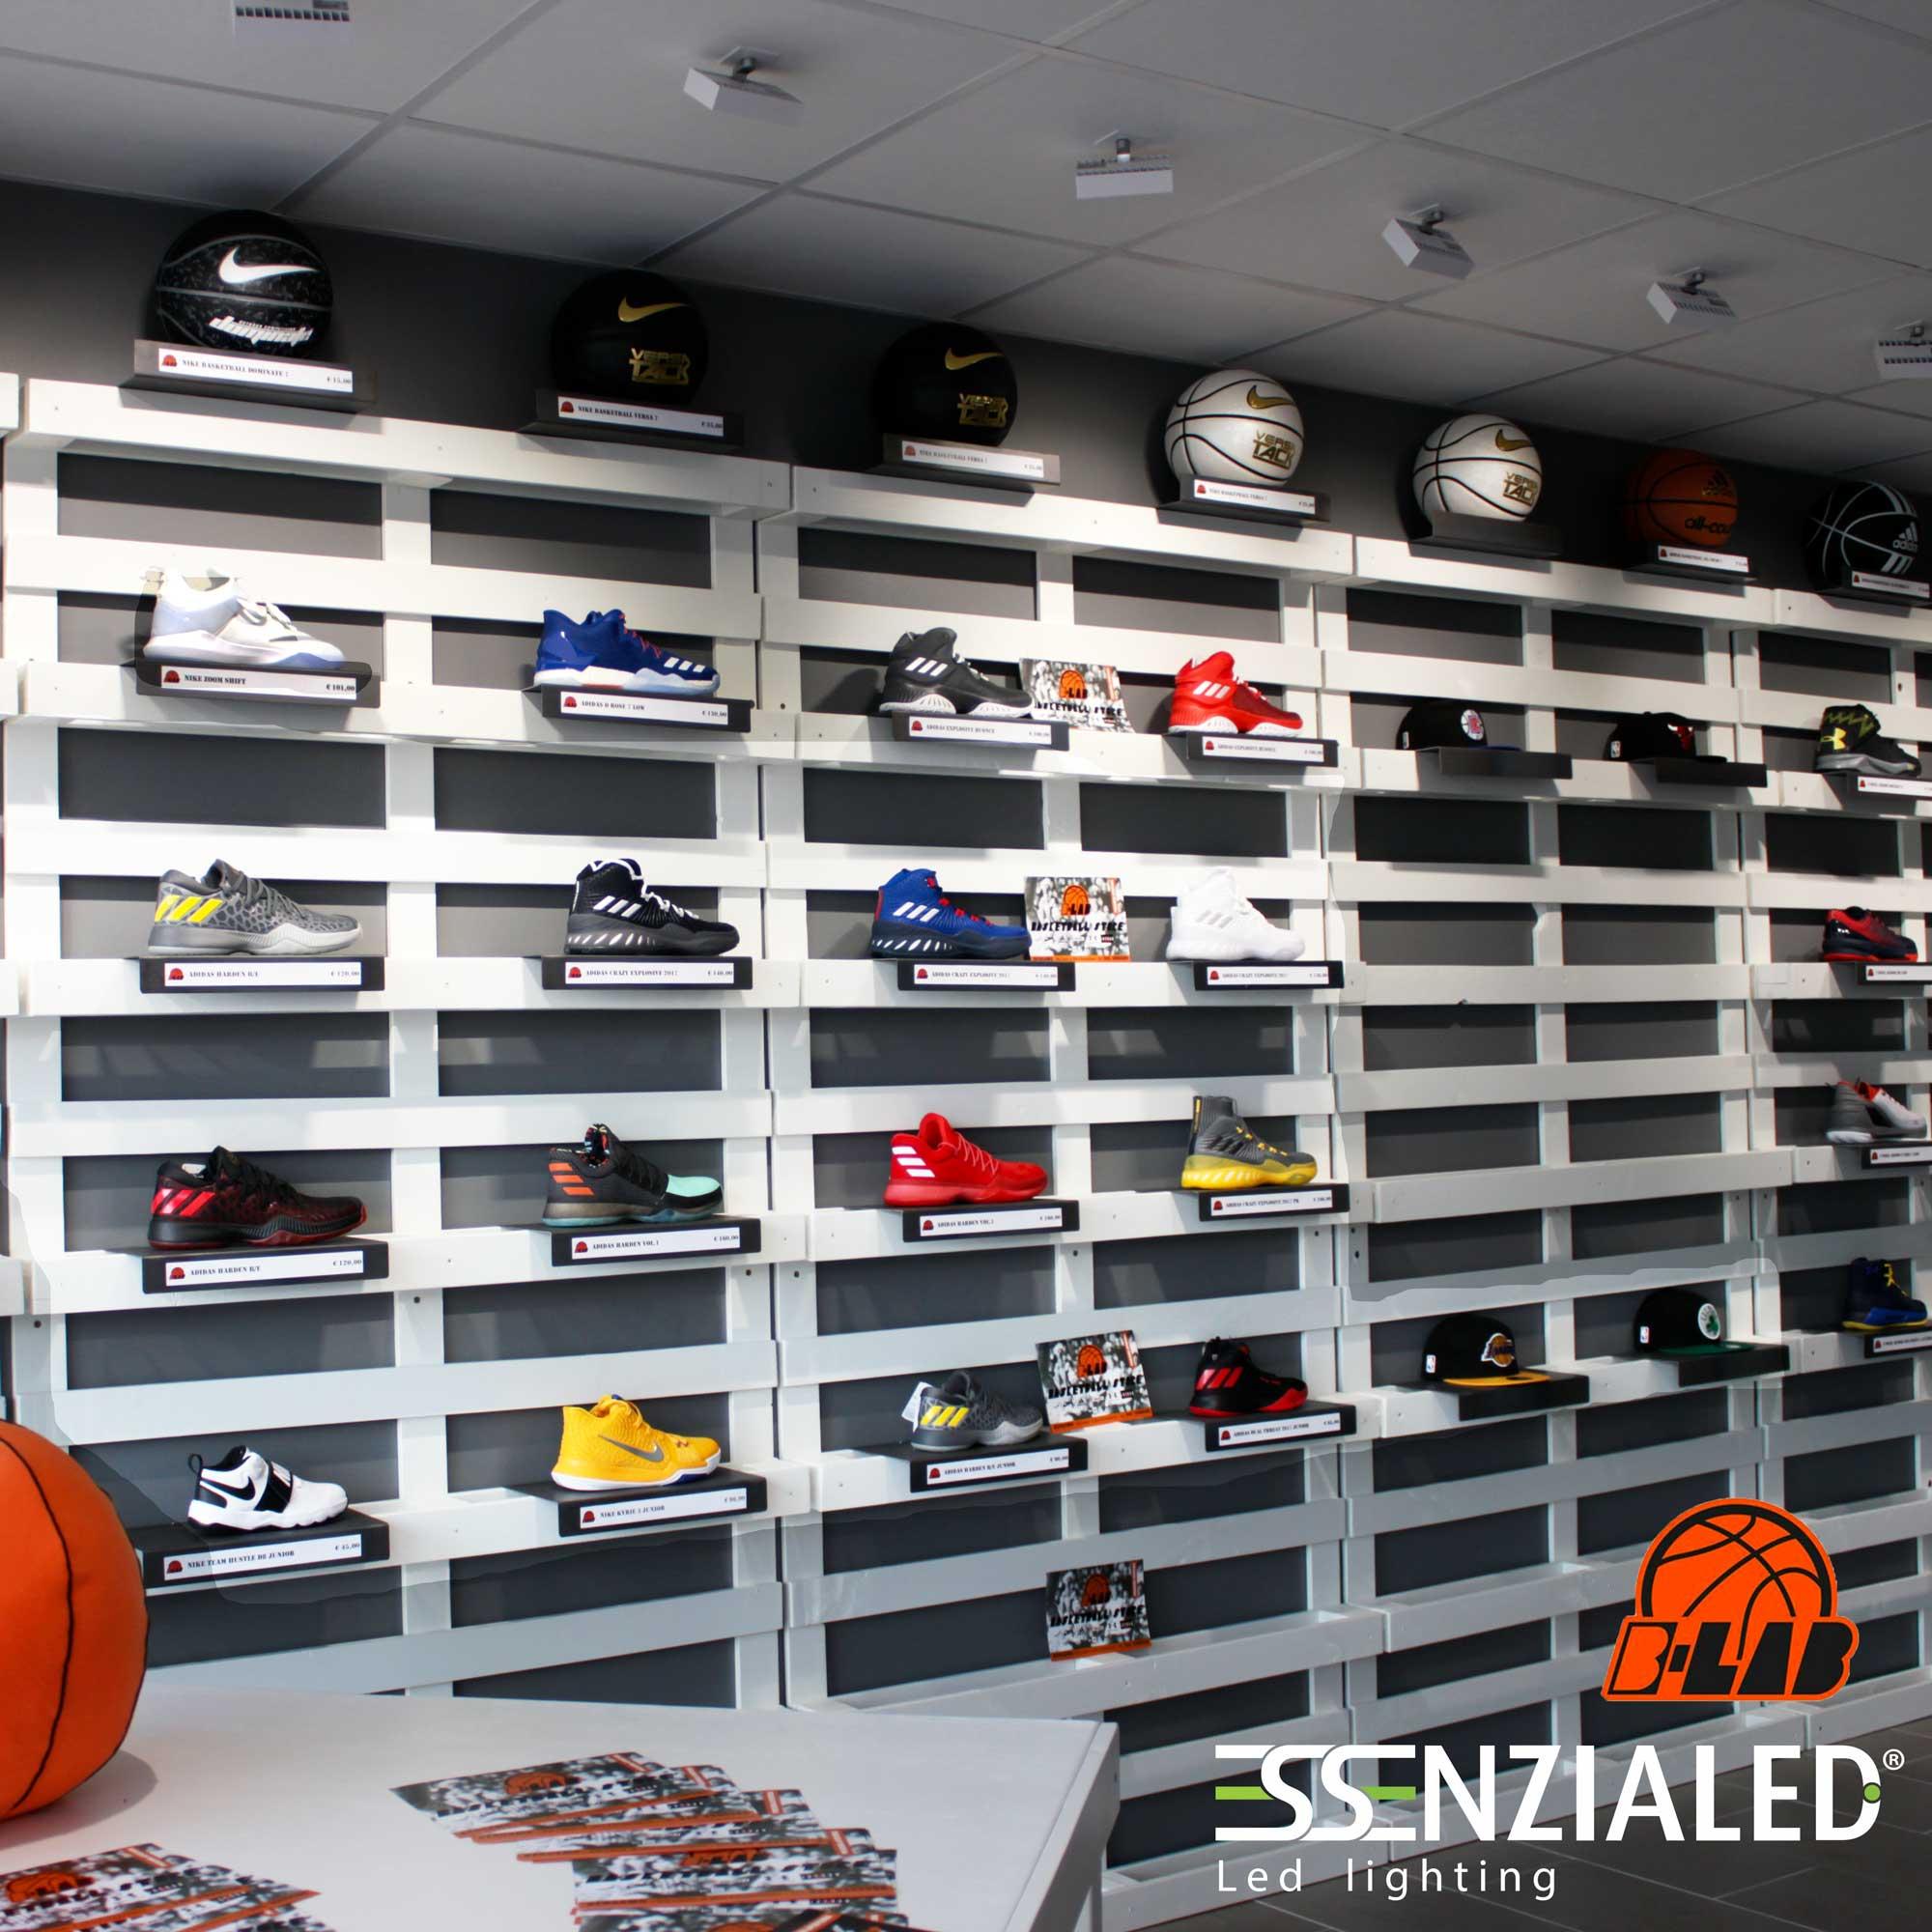 Technical lighting shops